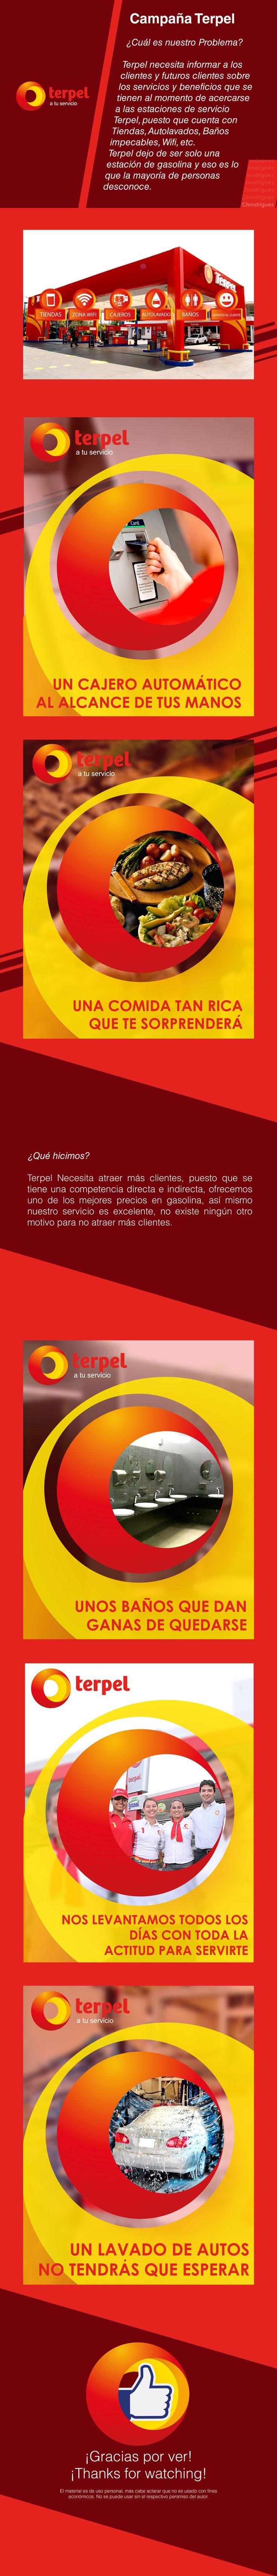 Terpel presenta su nueva imagen, Sus nuevos beneficios y servicios.